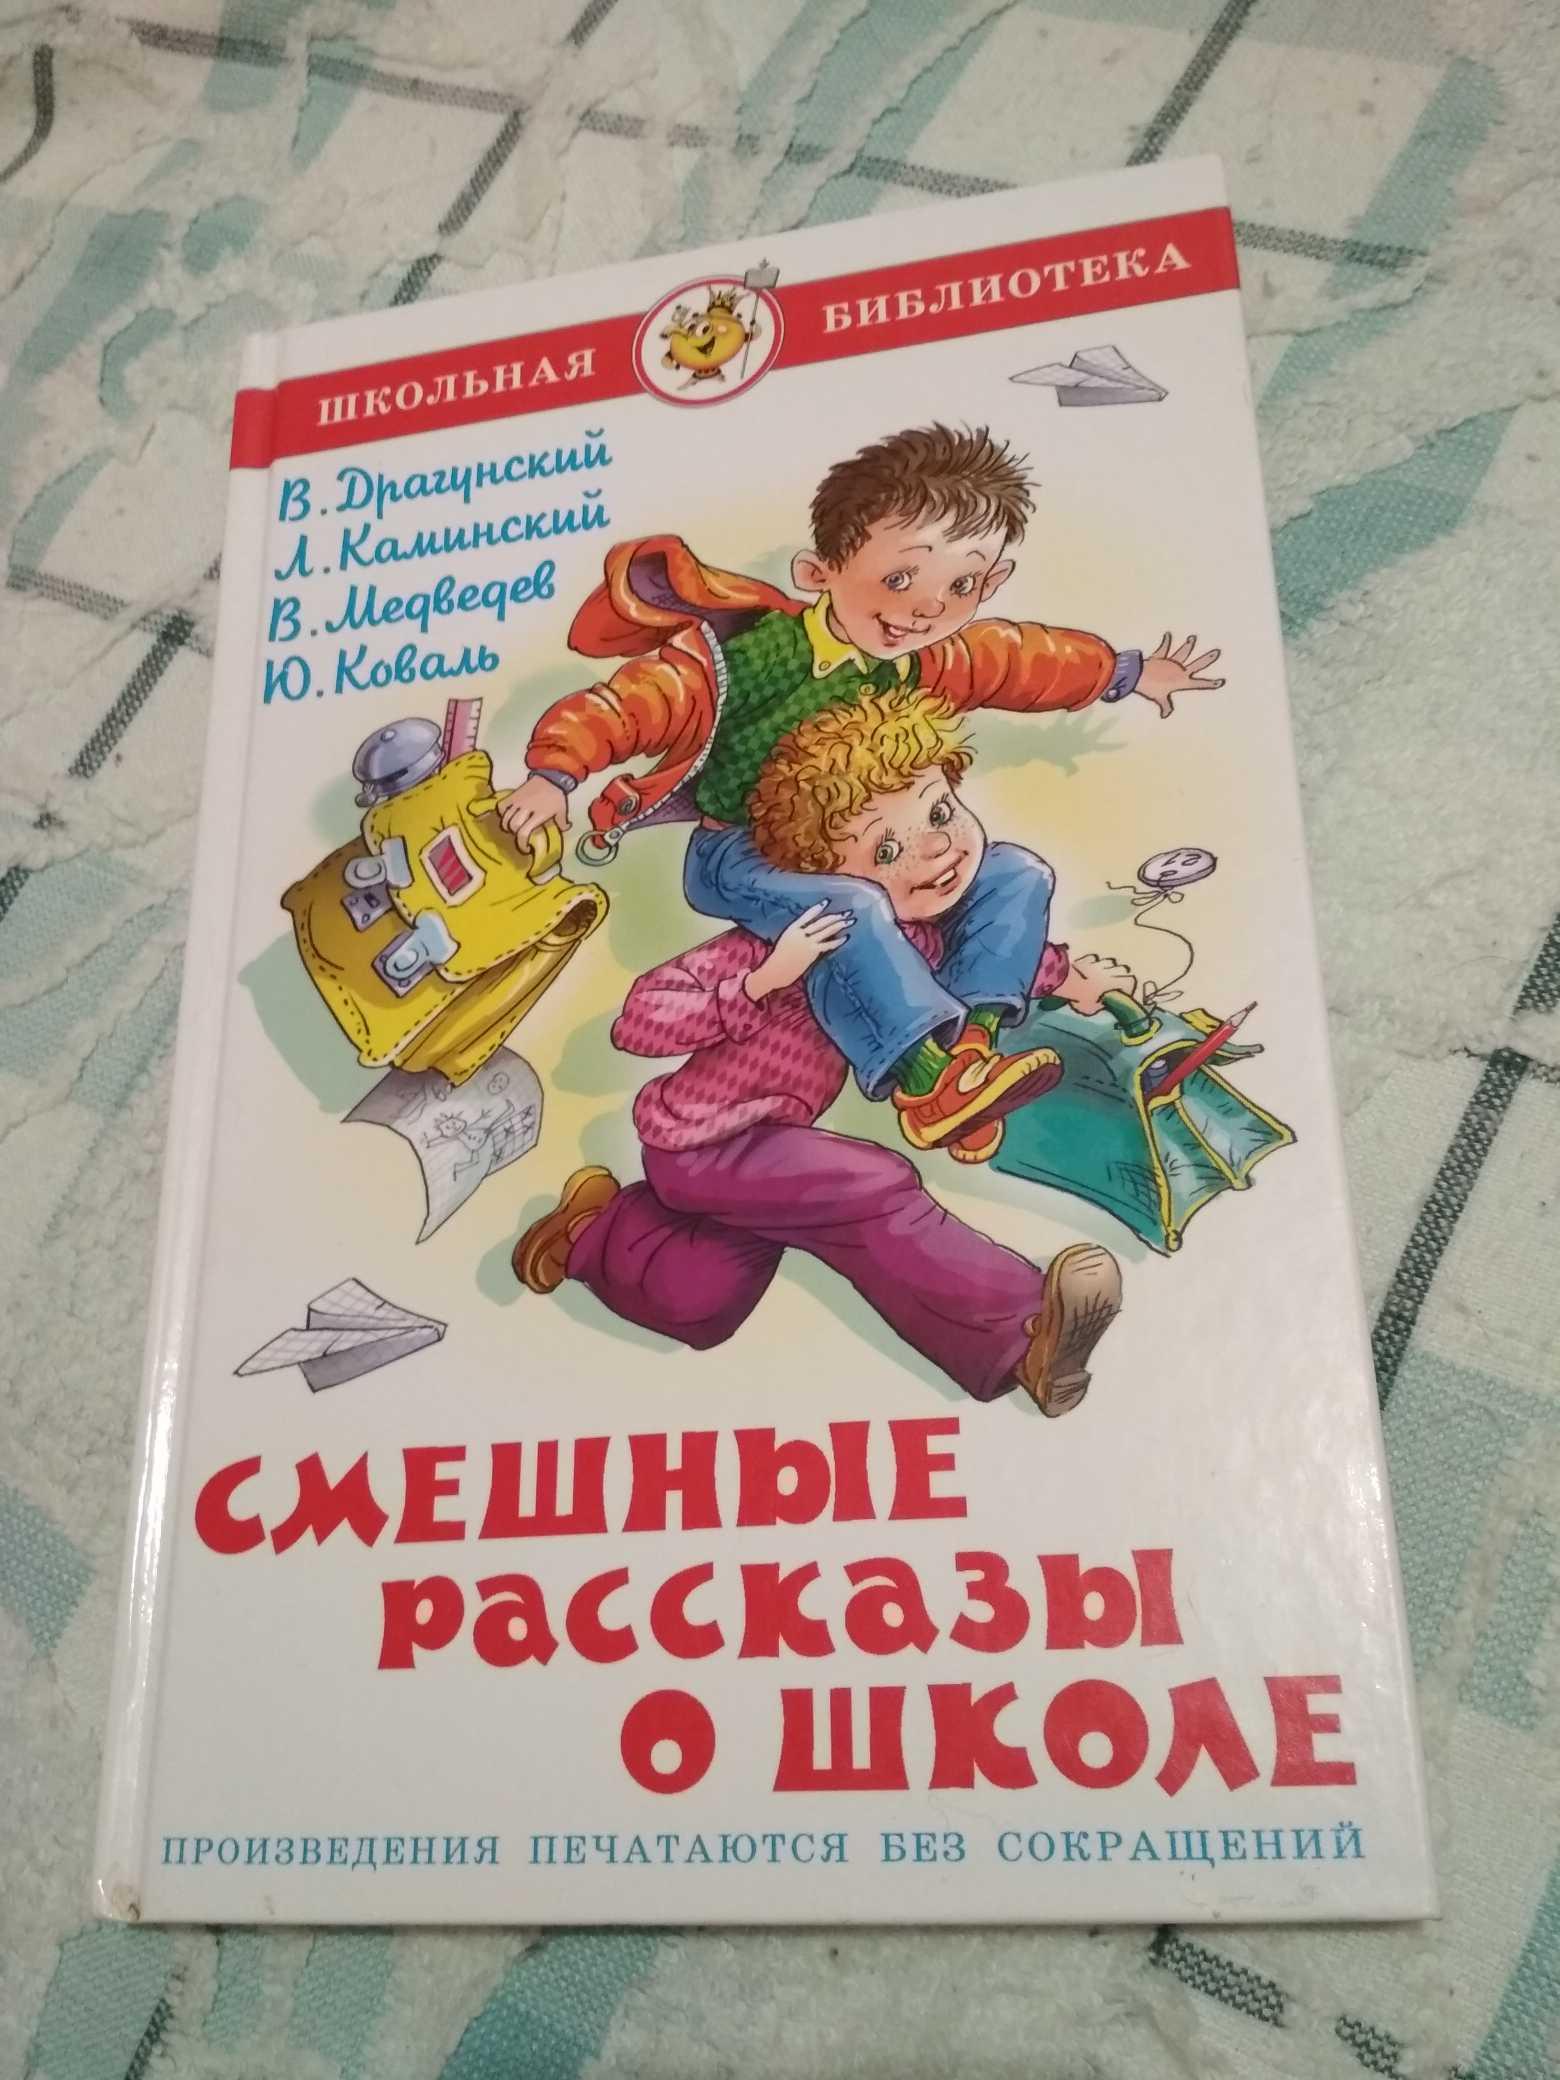 Смешные рассказы о школе читать картинки, катя надписями